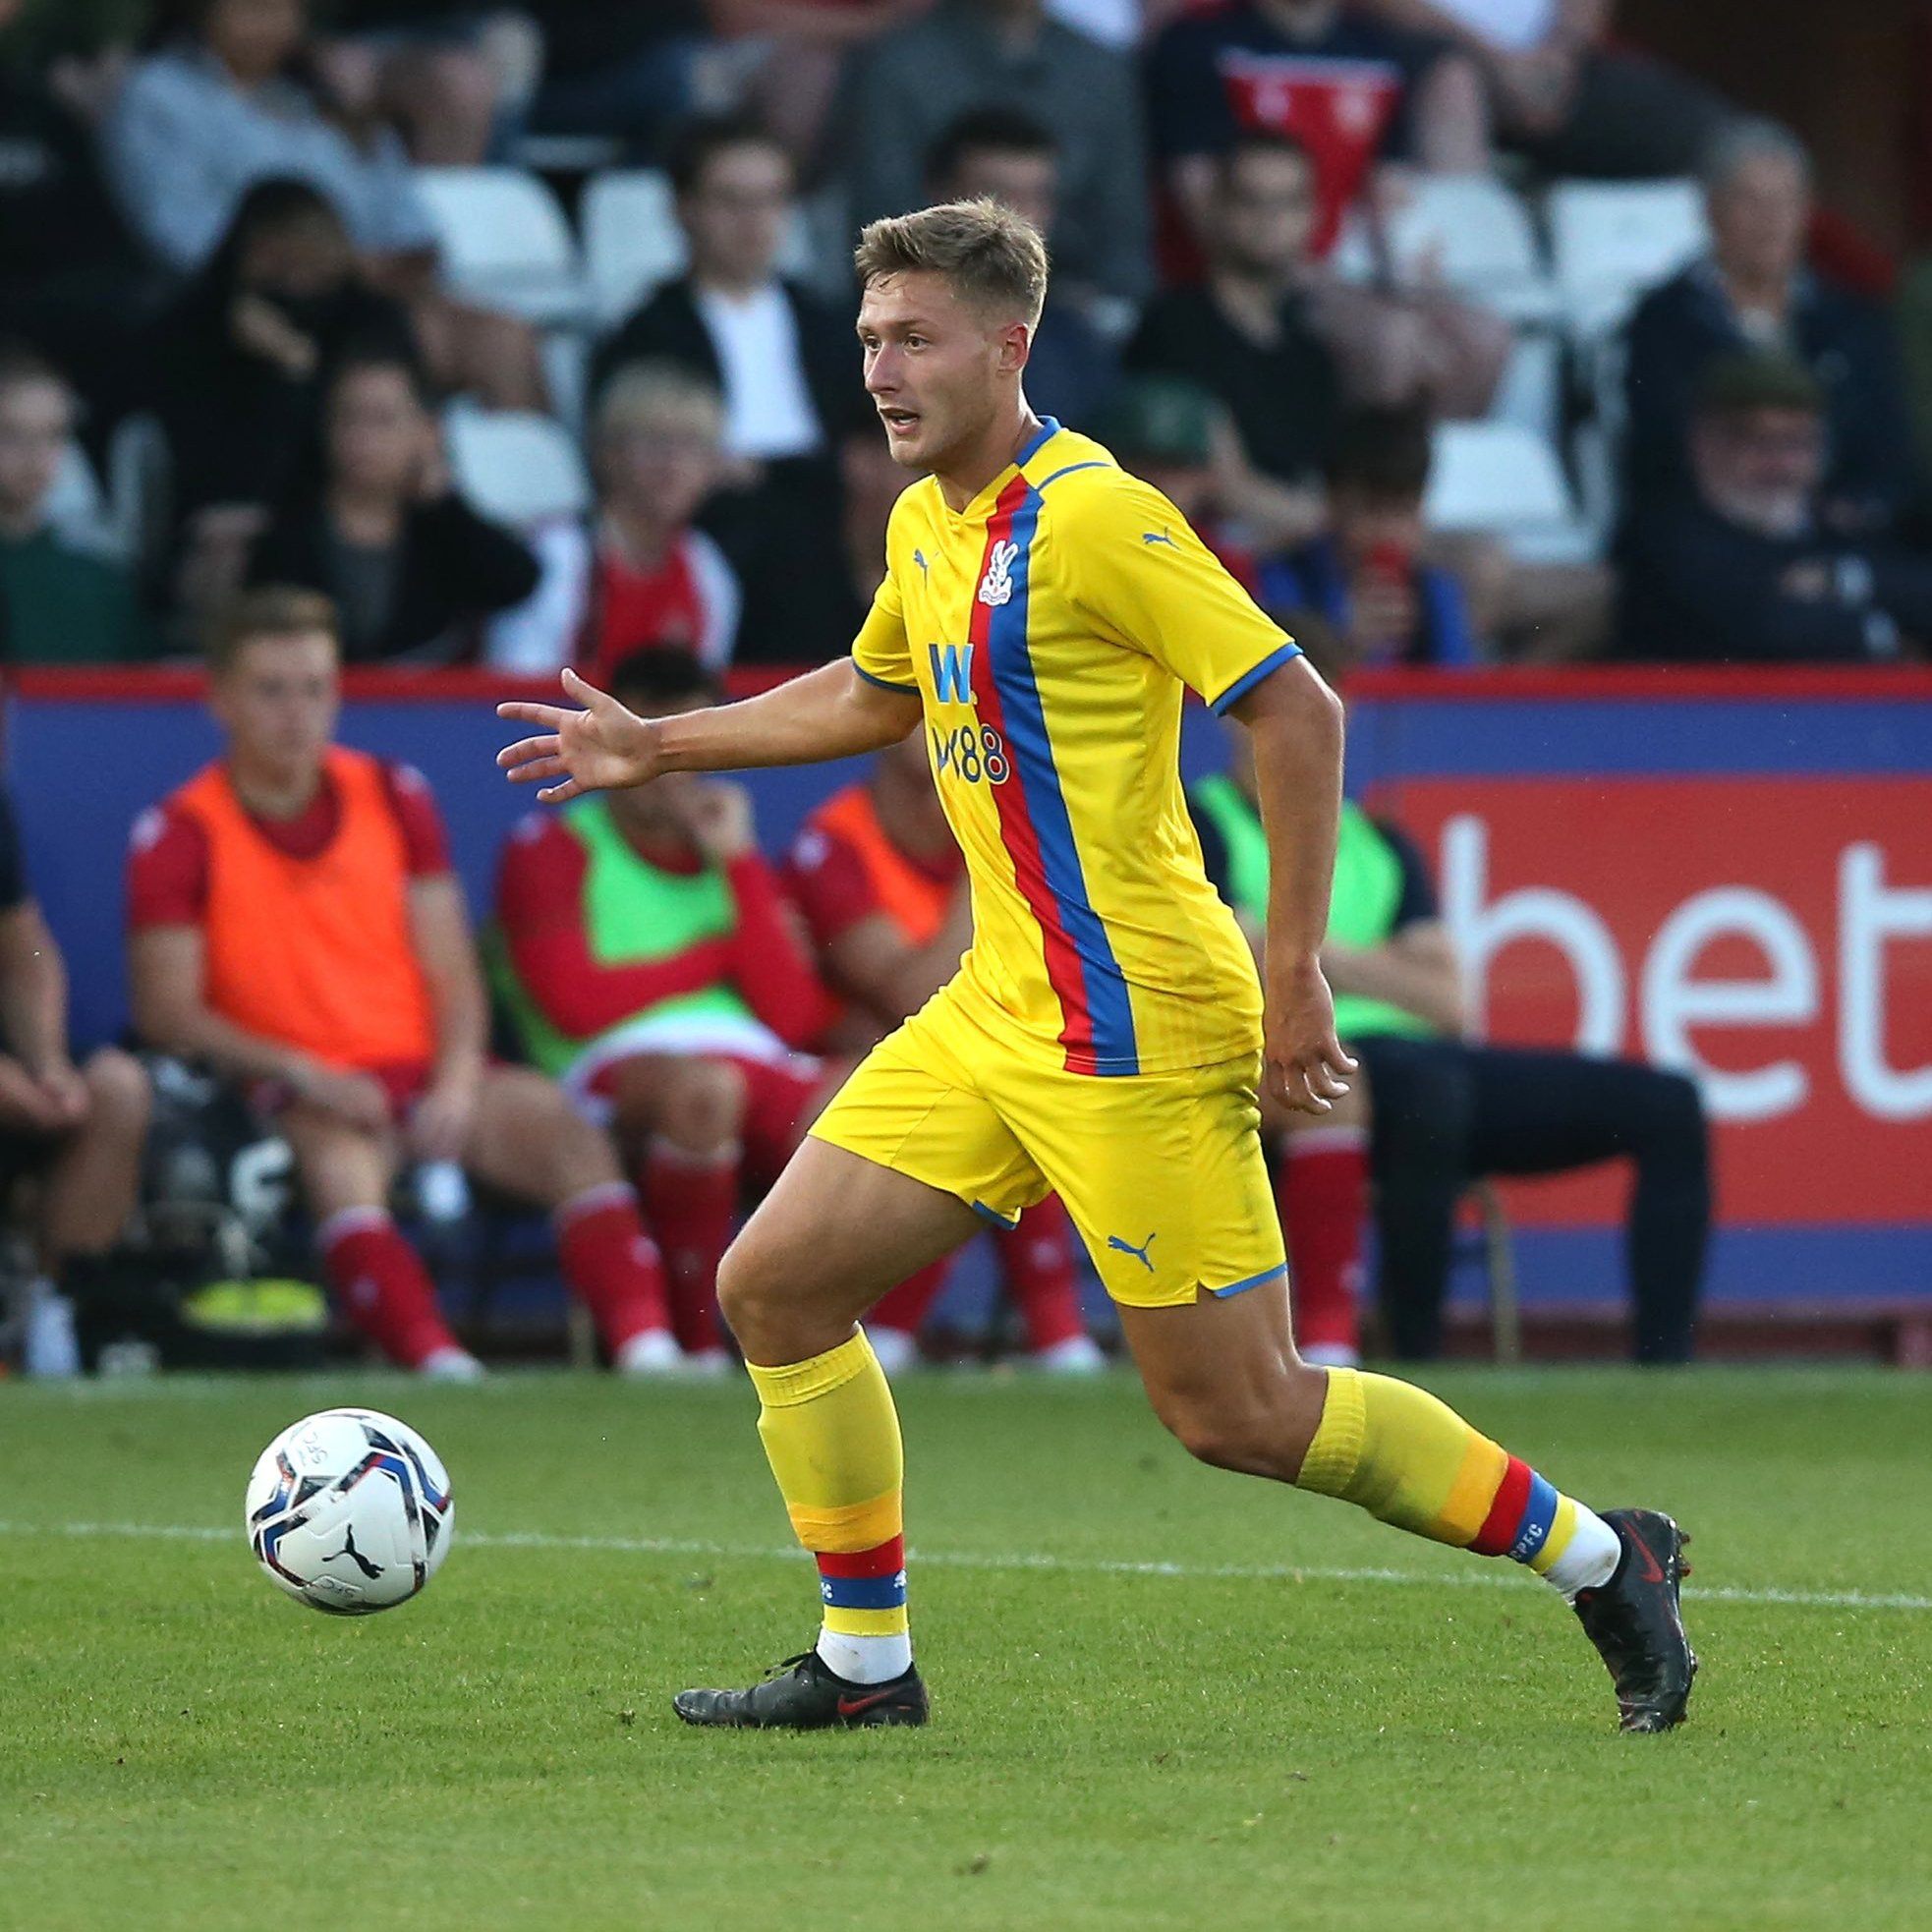 Daniel Quick Crystal Palace Premier League